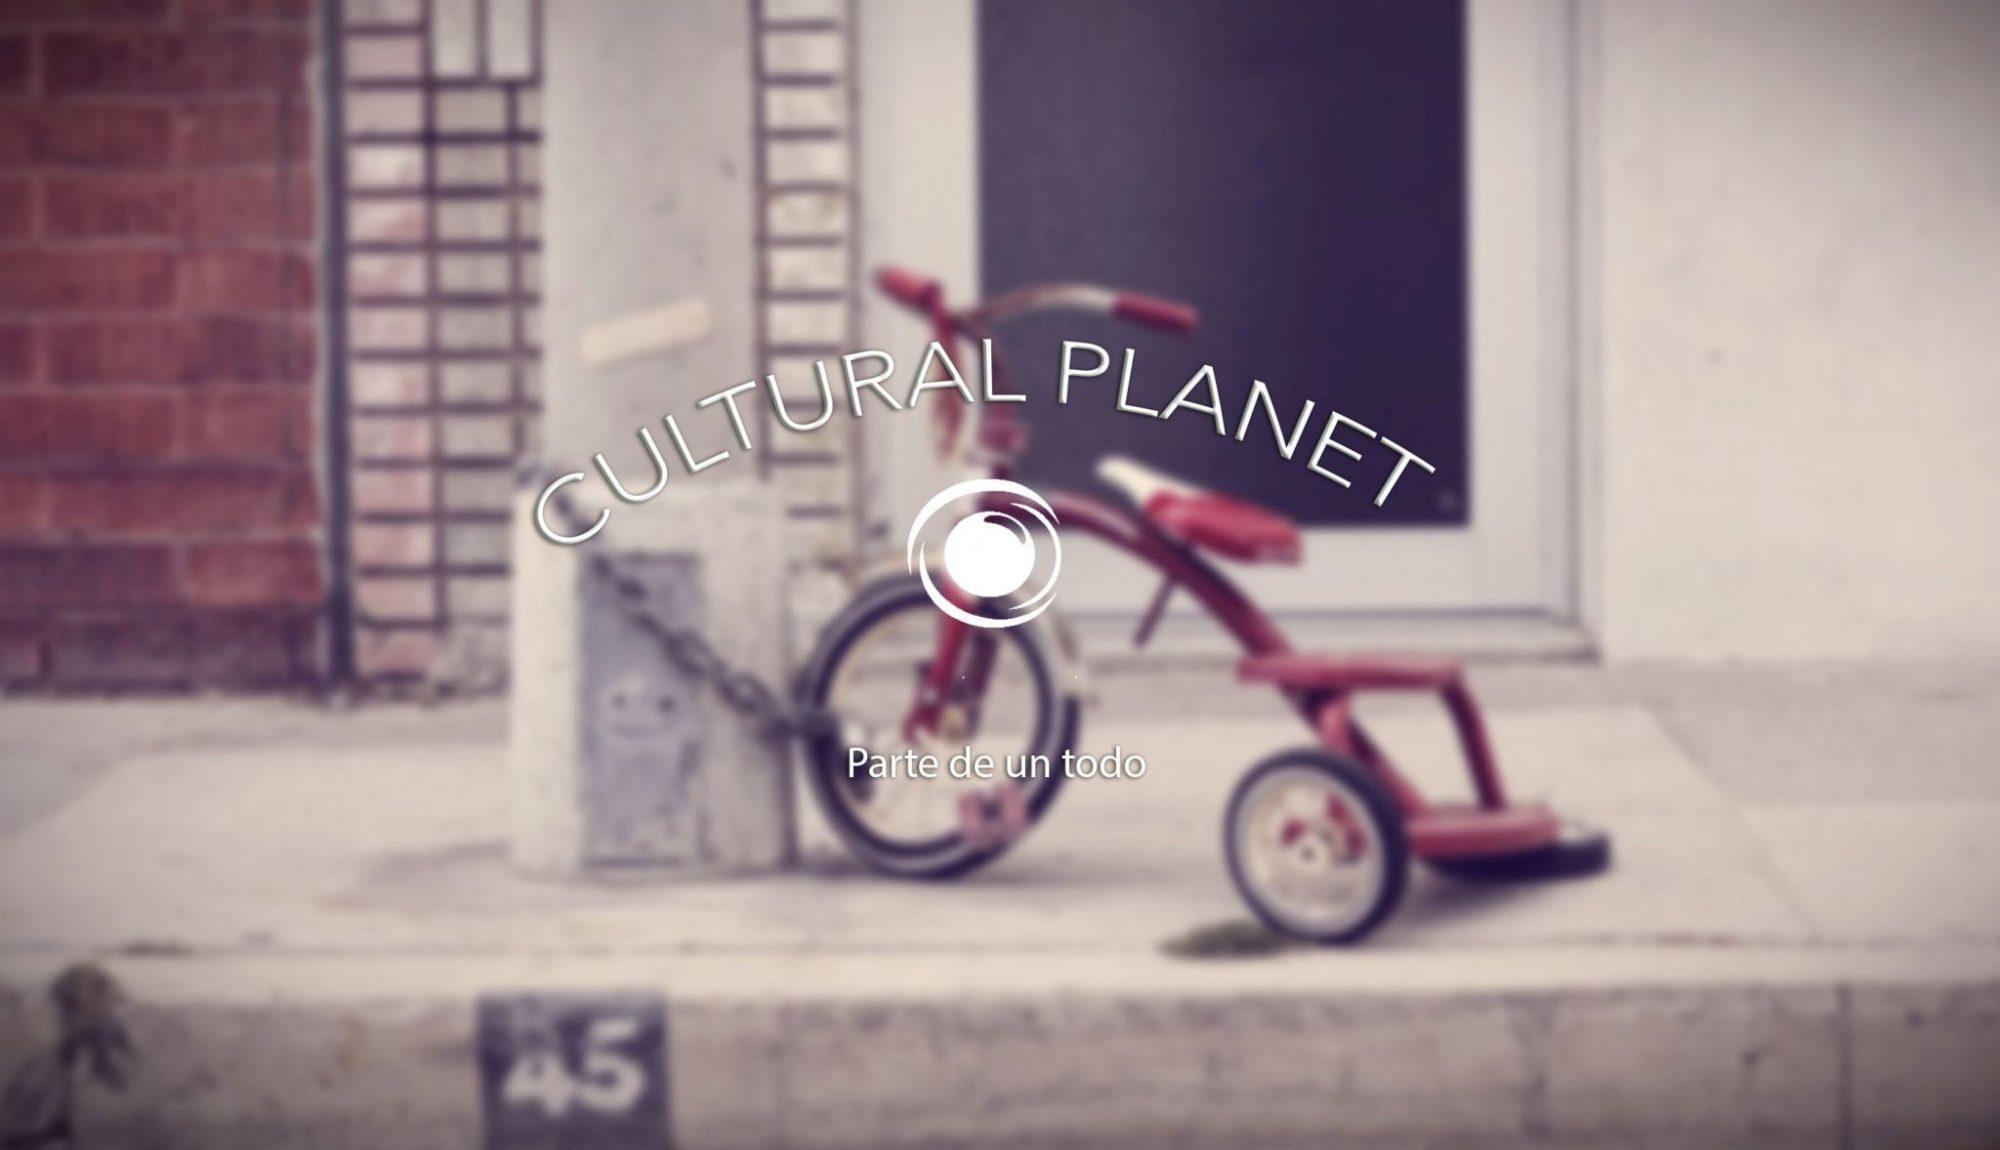 Cultural Planet